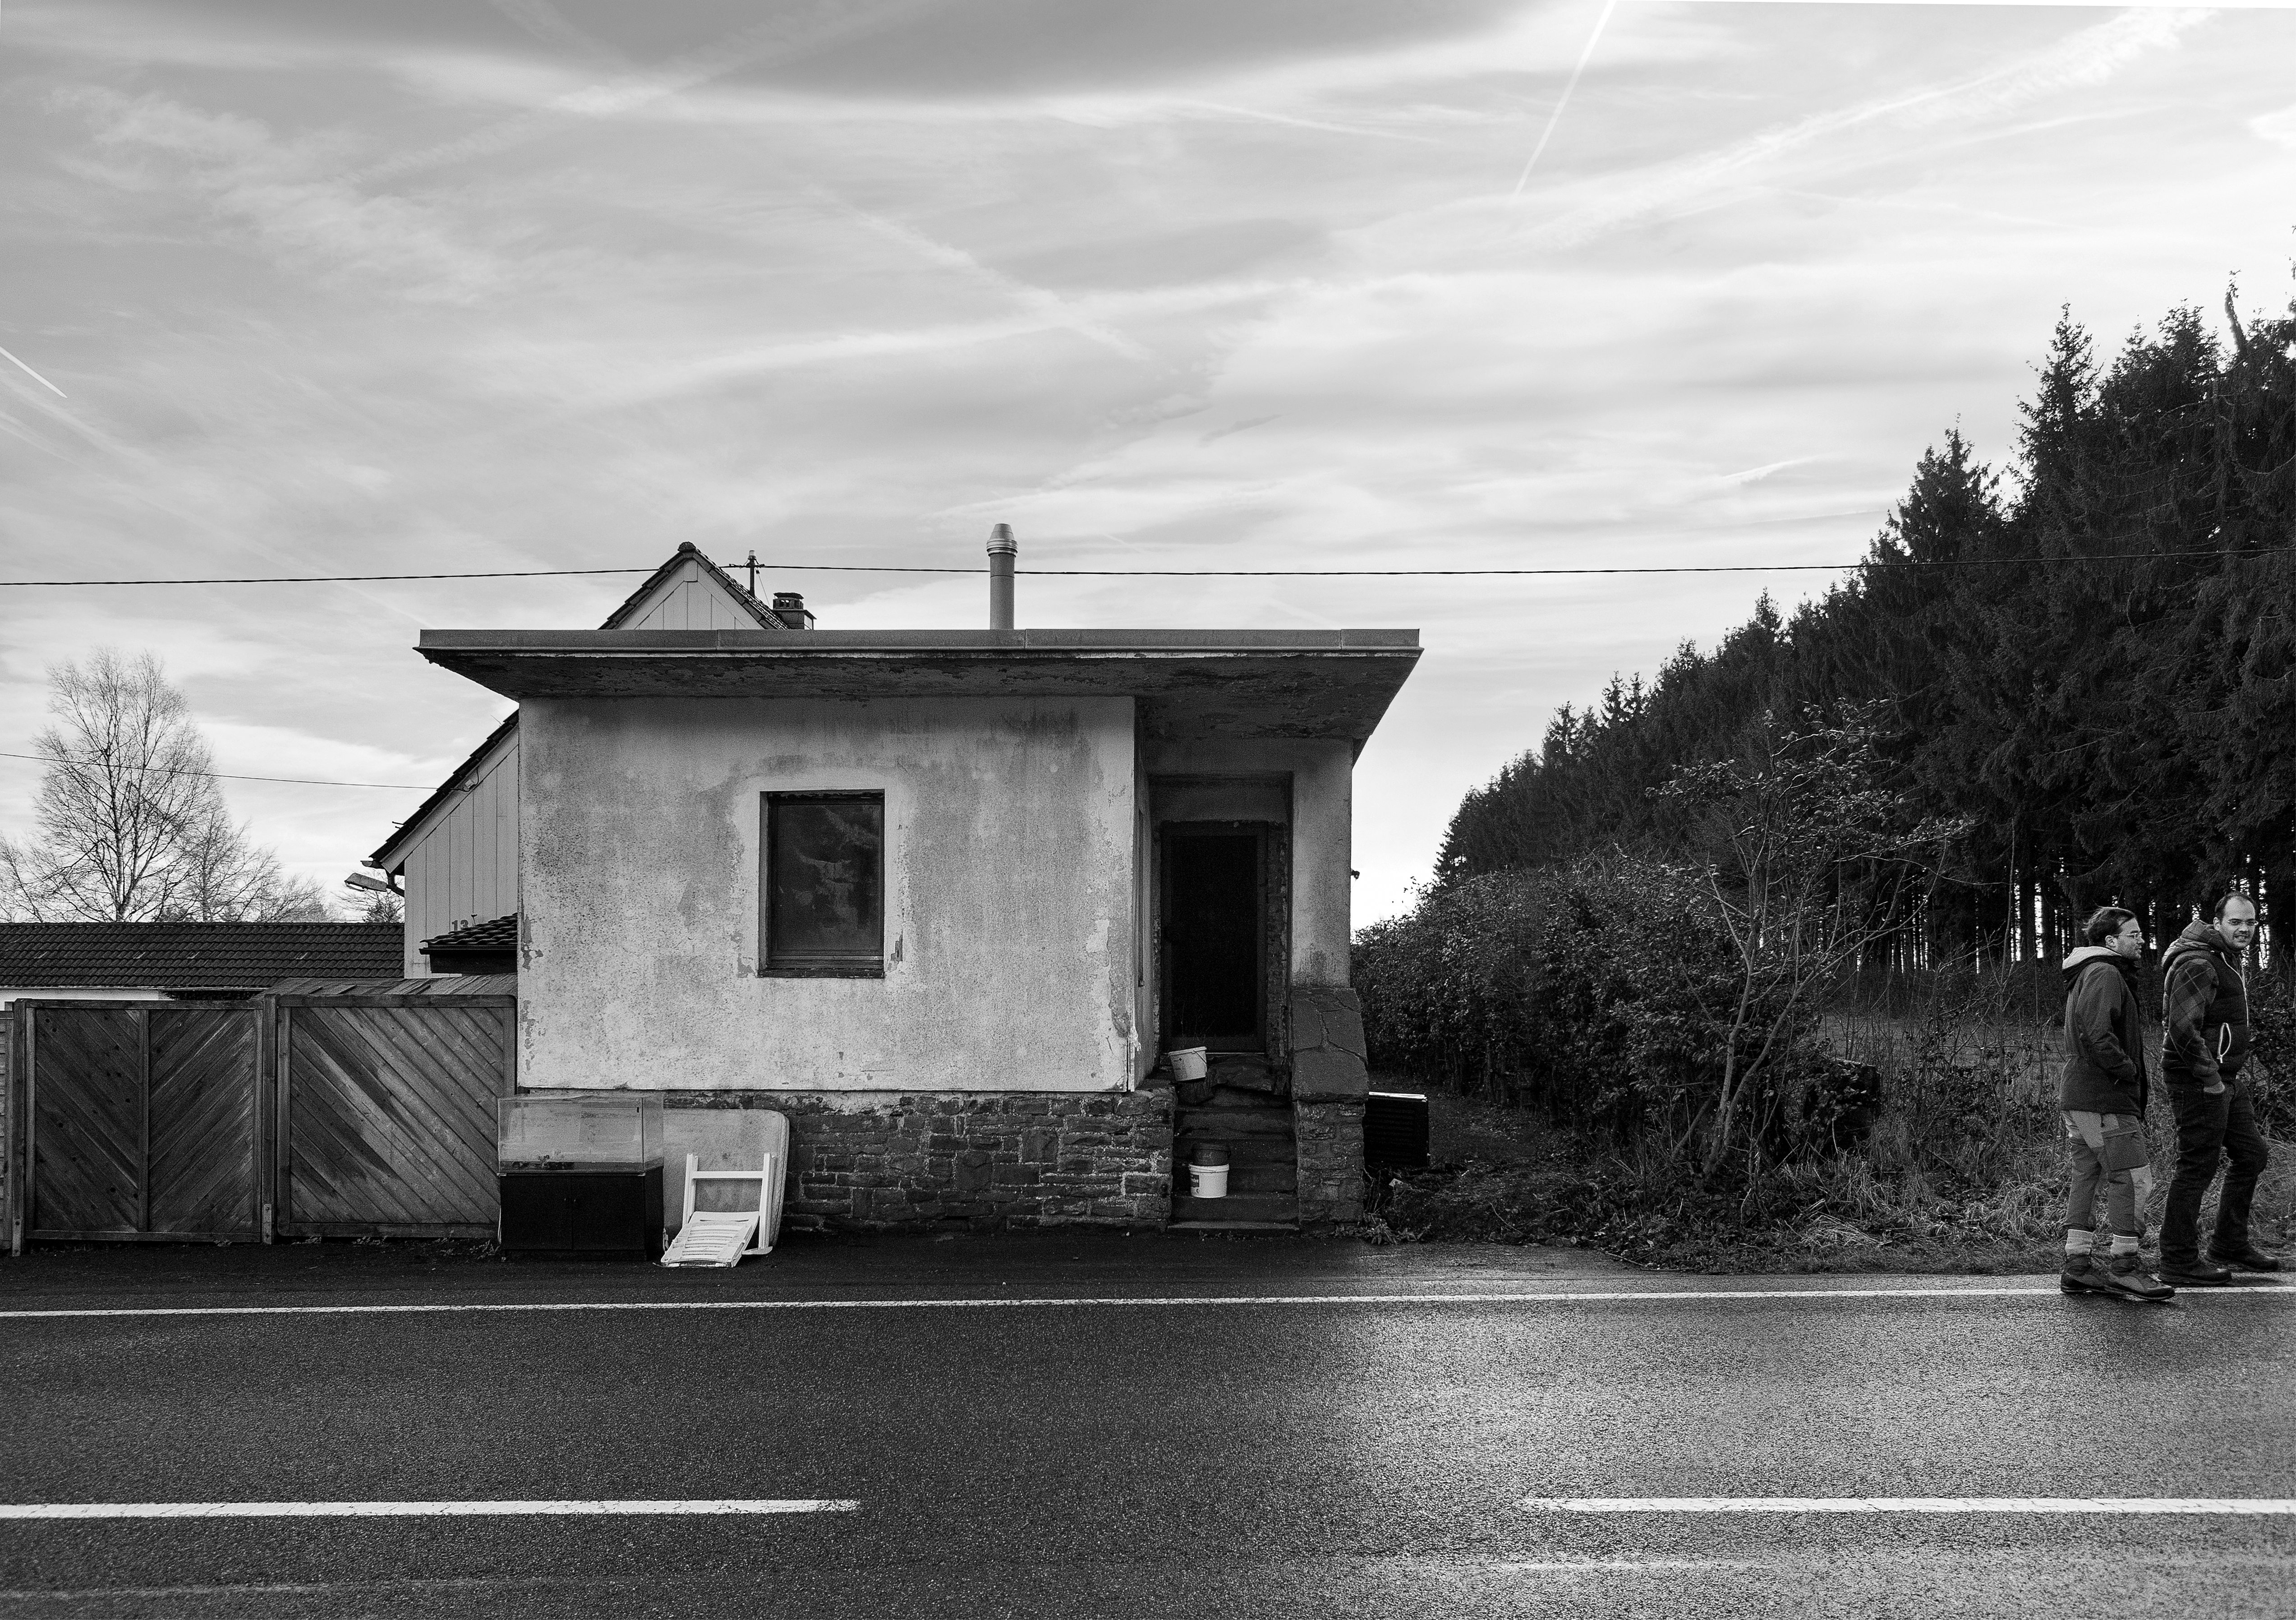 Miescheiderheide | Eifel